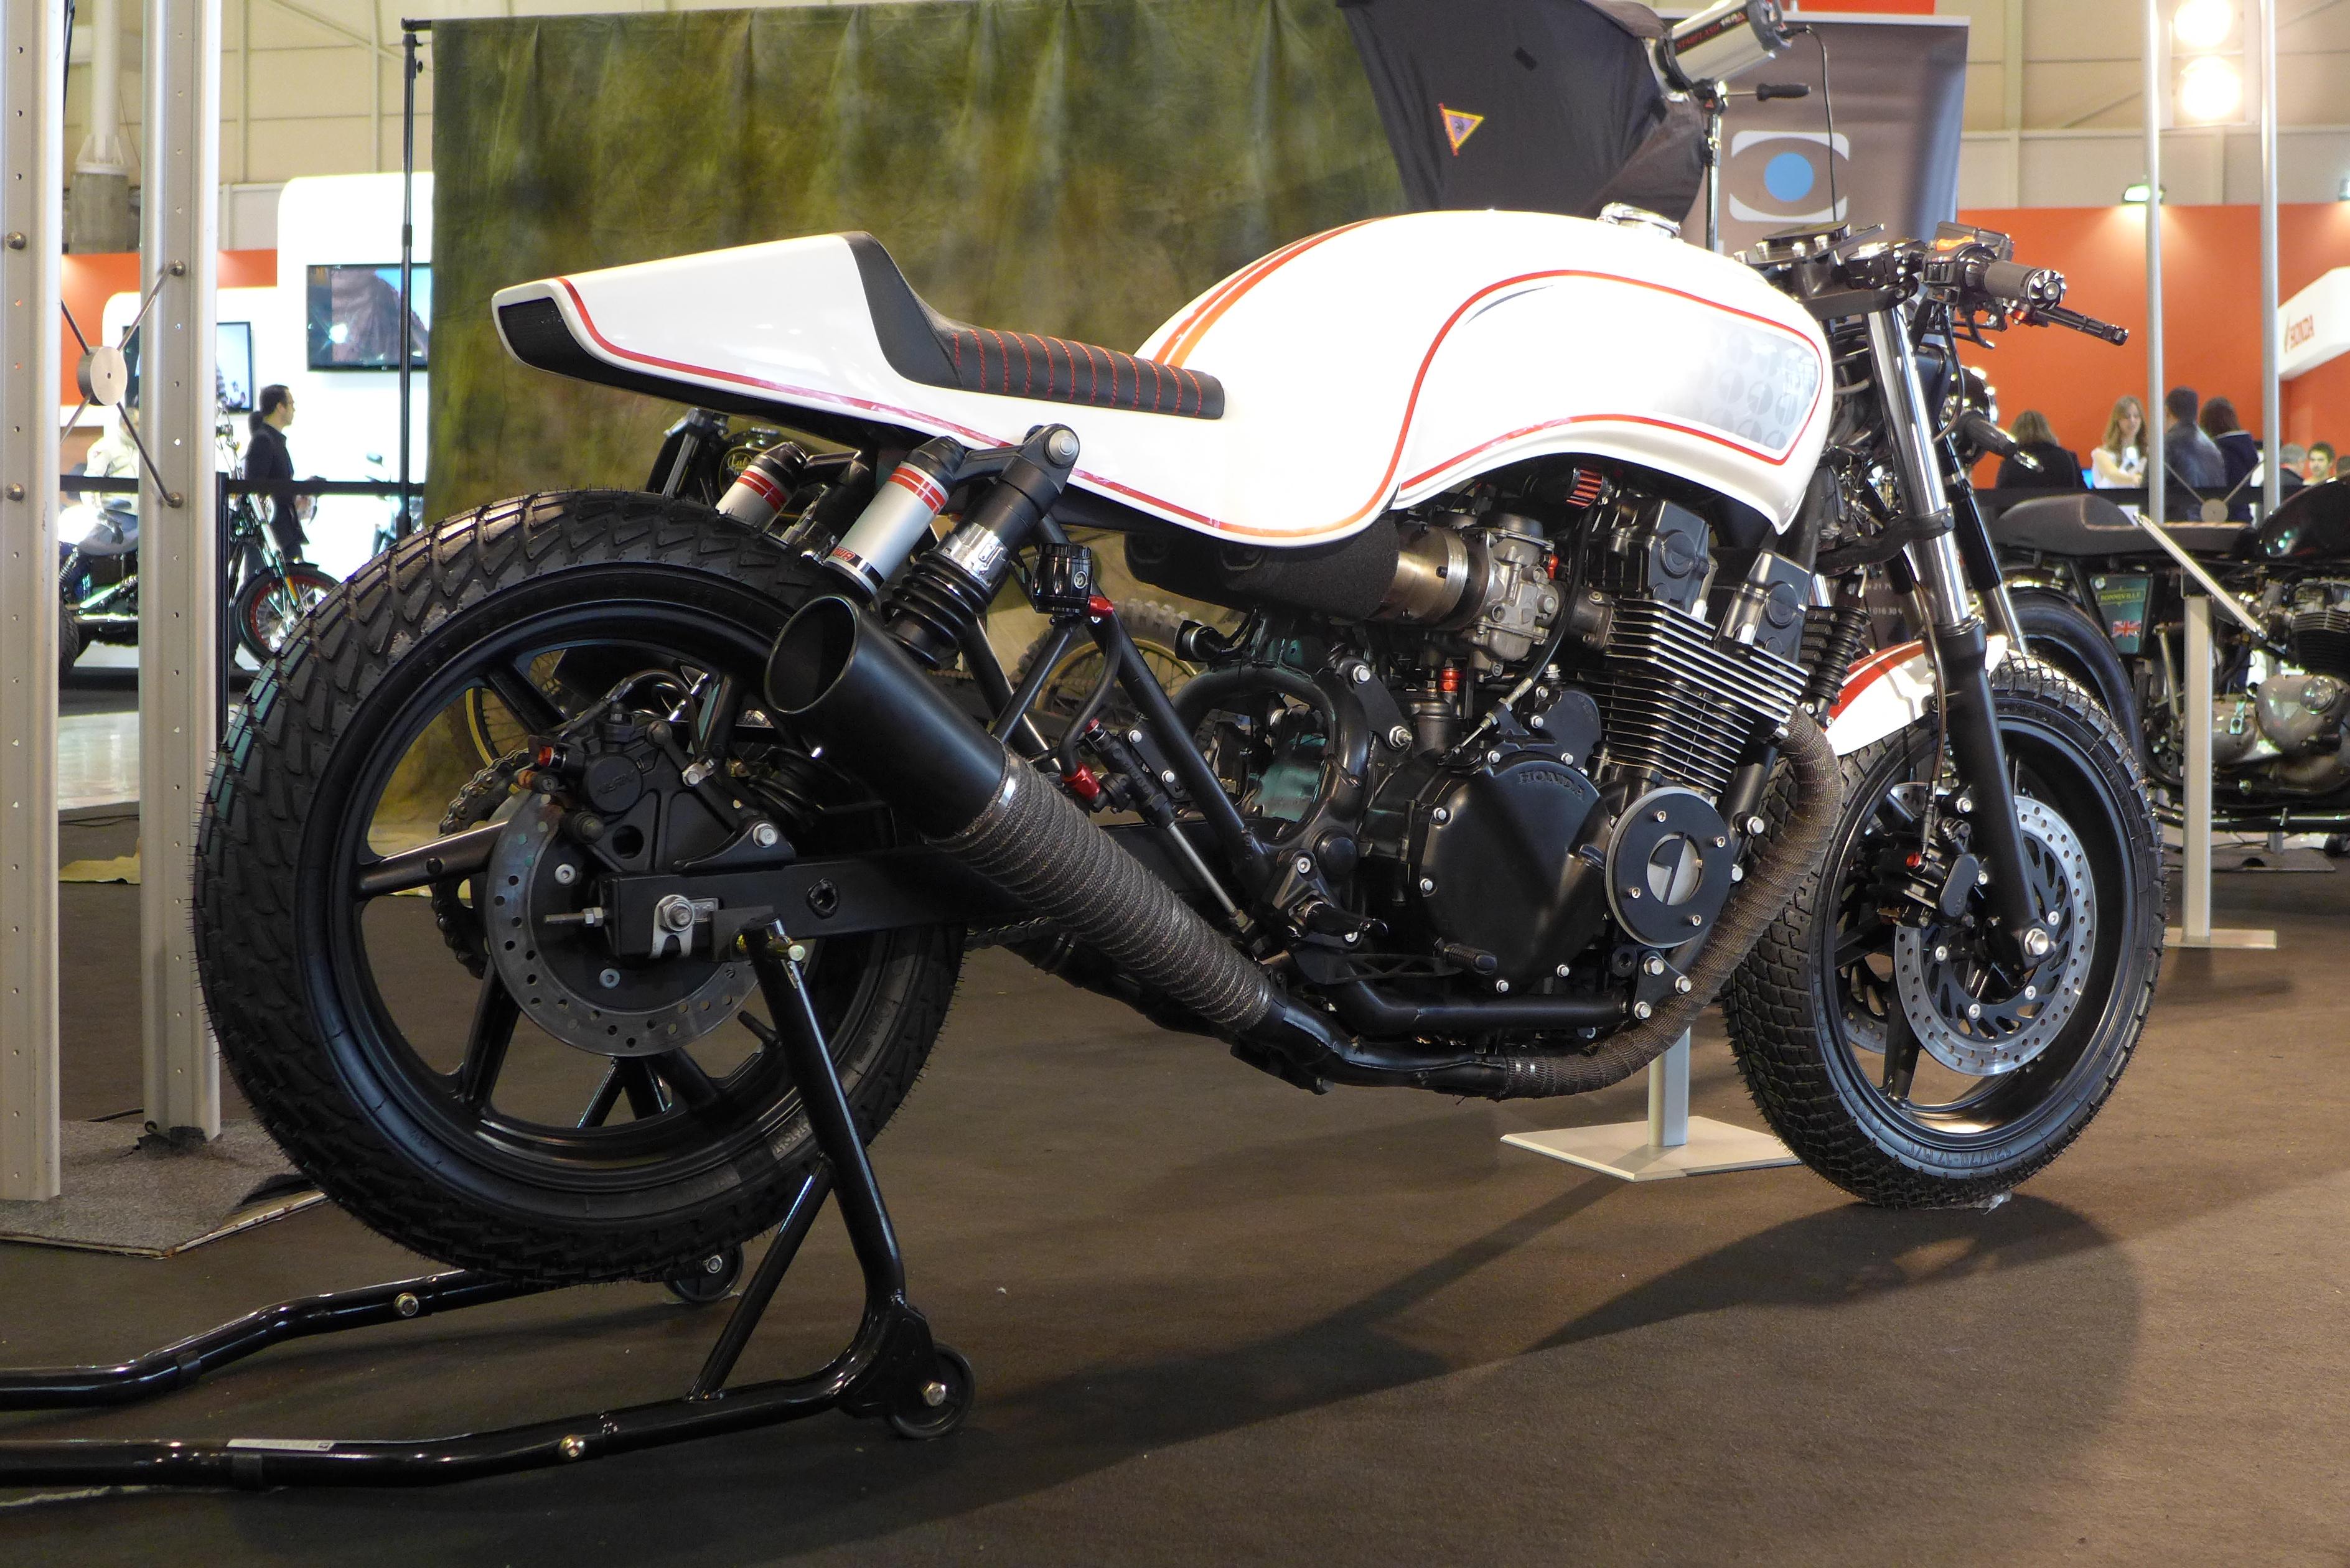 THE CAFE RACERS The Beautiful Honda CB750 Gravedigger